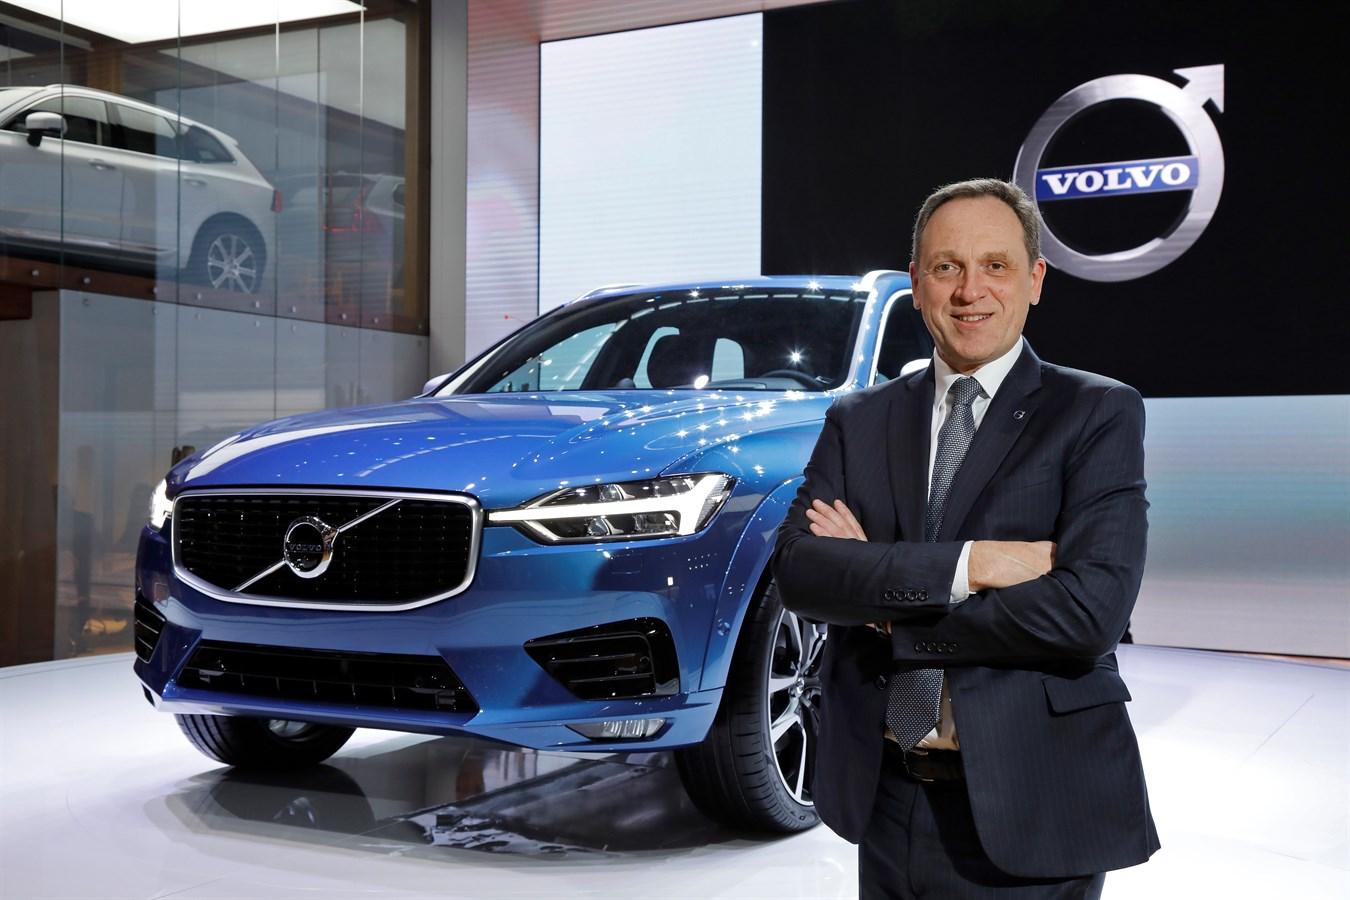 Nouveau Volvo XC60 & Yves Pasquier-Desvignes, Président, Volvo Car France, Salon de Genève - 7 mars 2017 photo@Ace Team pour Volvo Car France, usage presse et réseaux sociaux exclusivement